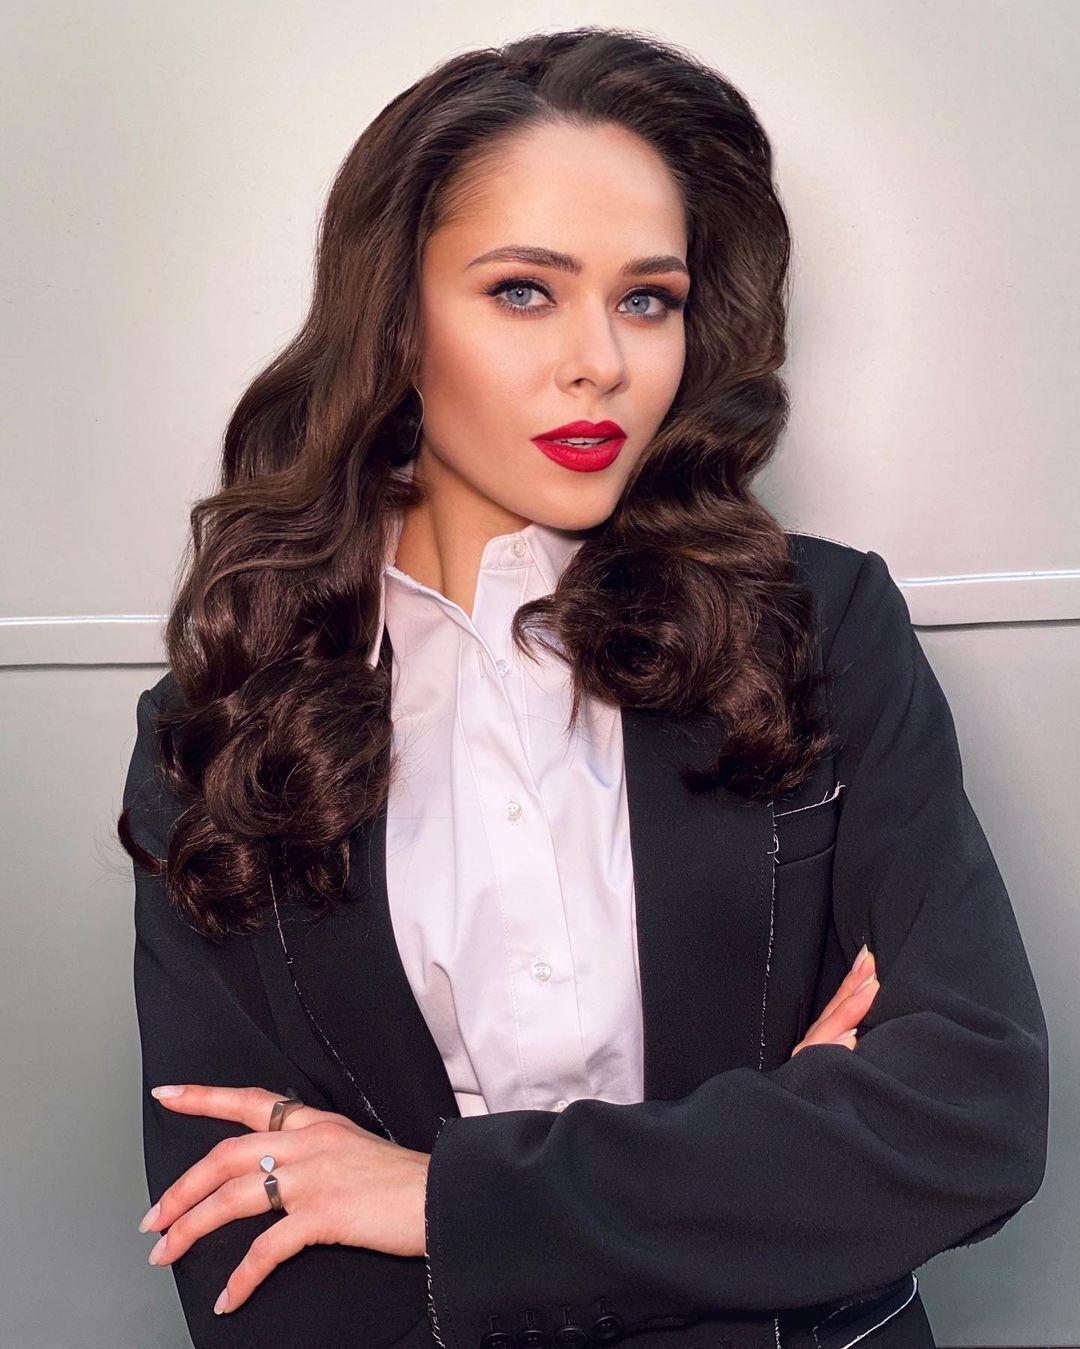 Юлия Санина раньше горела журналистикой.